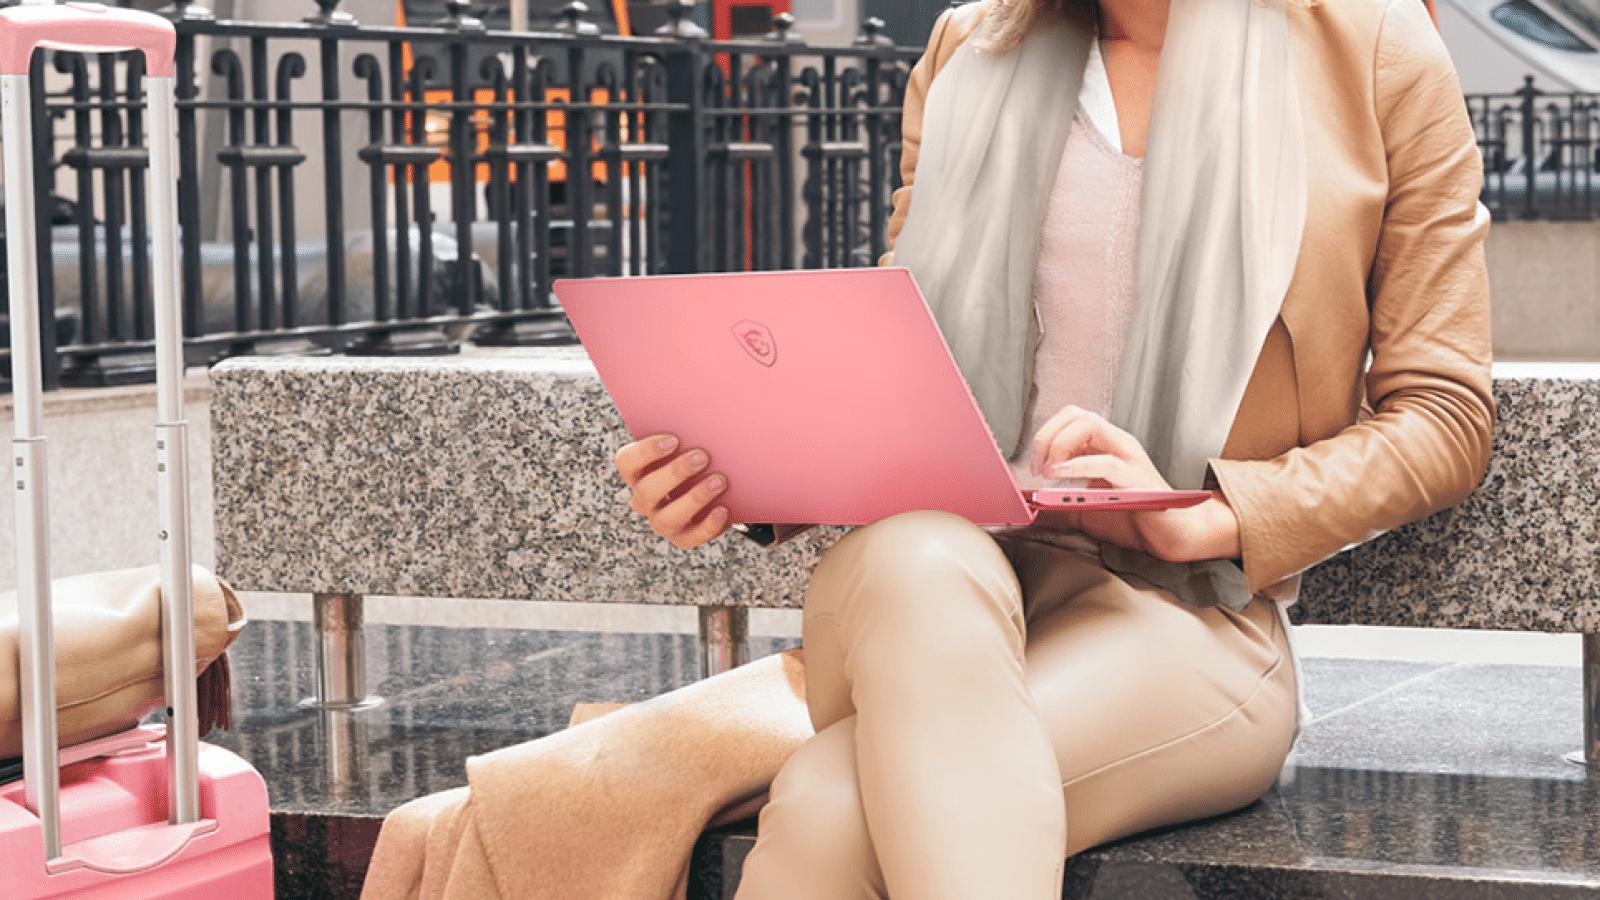 msi pink laptop